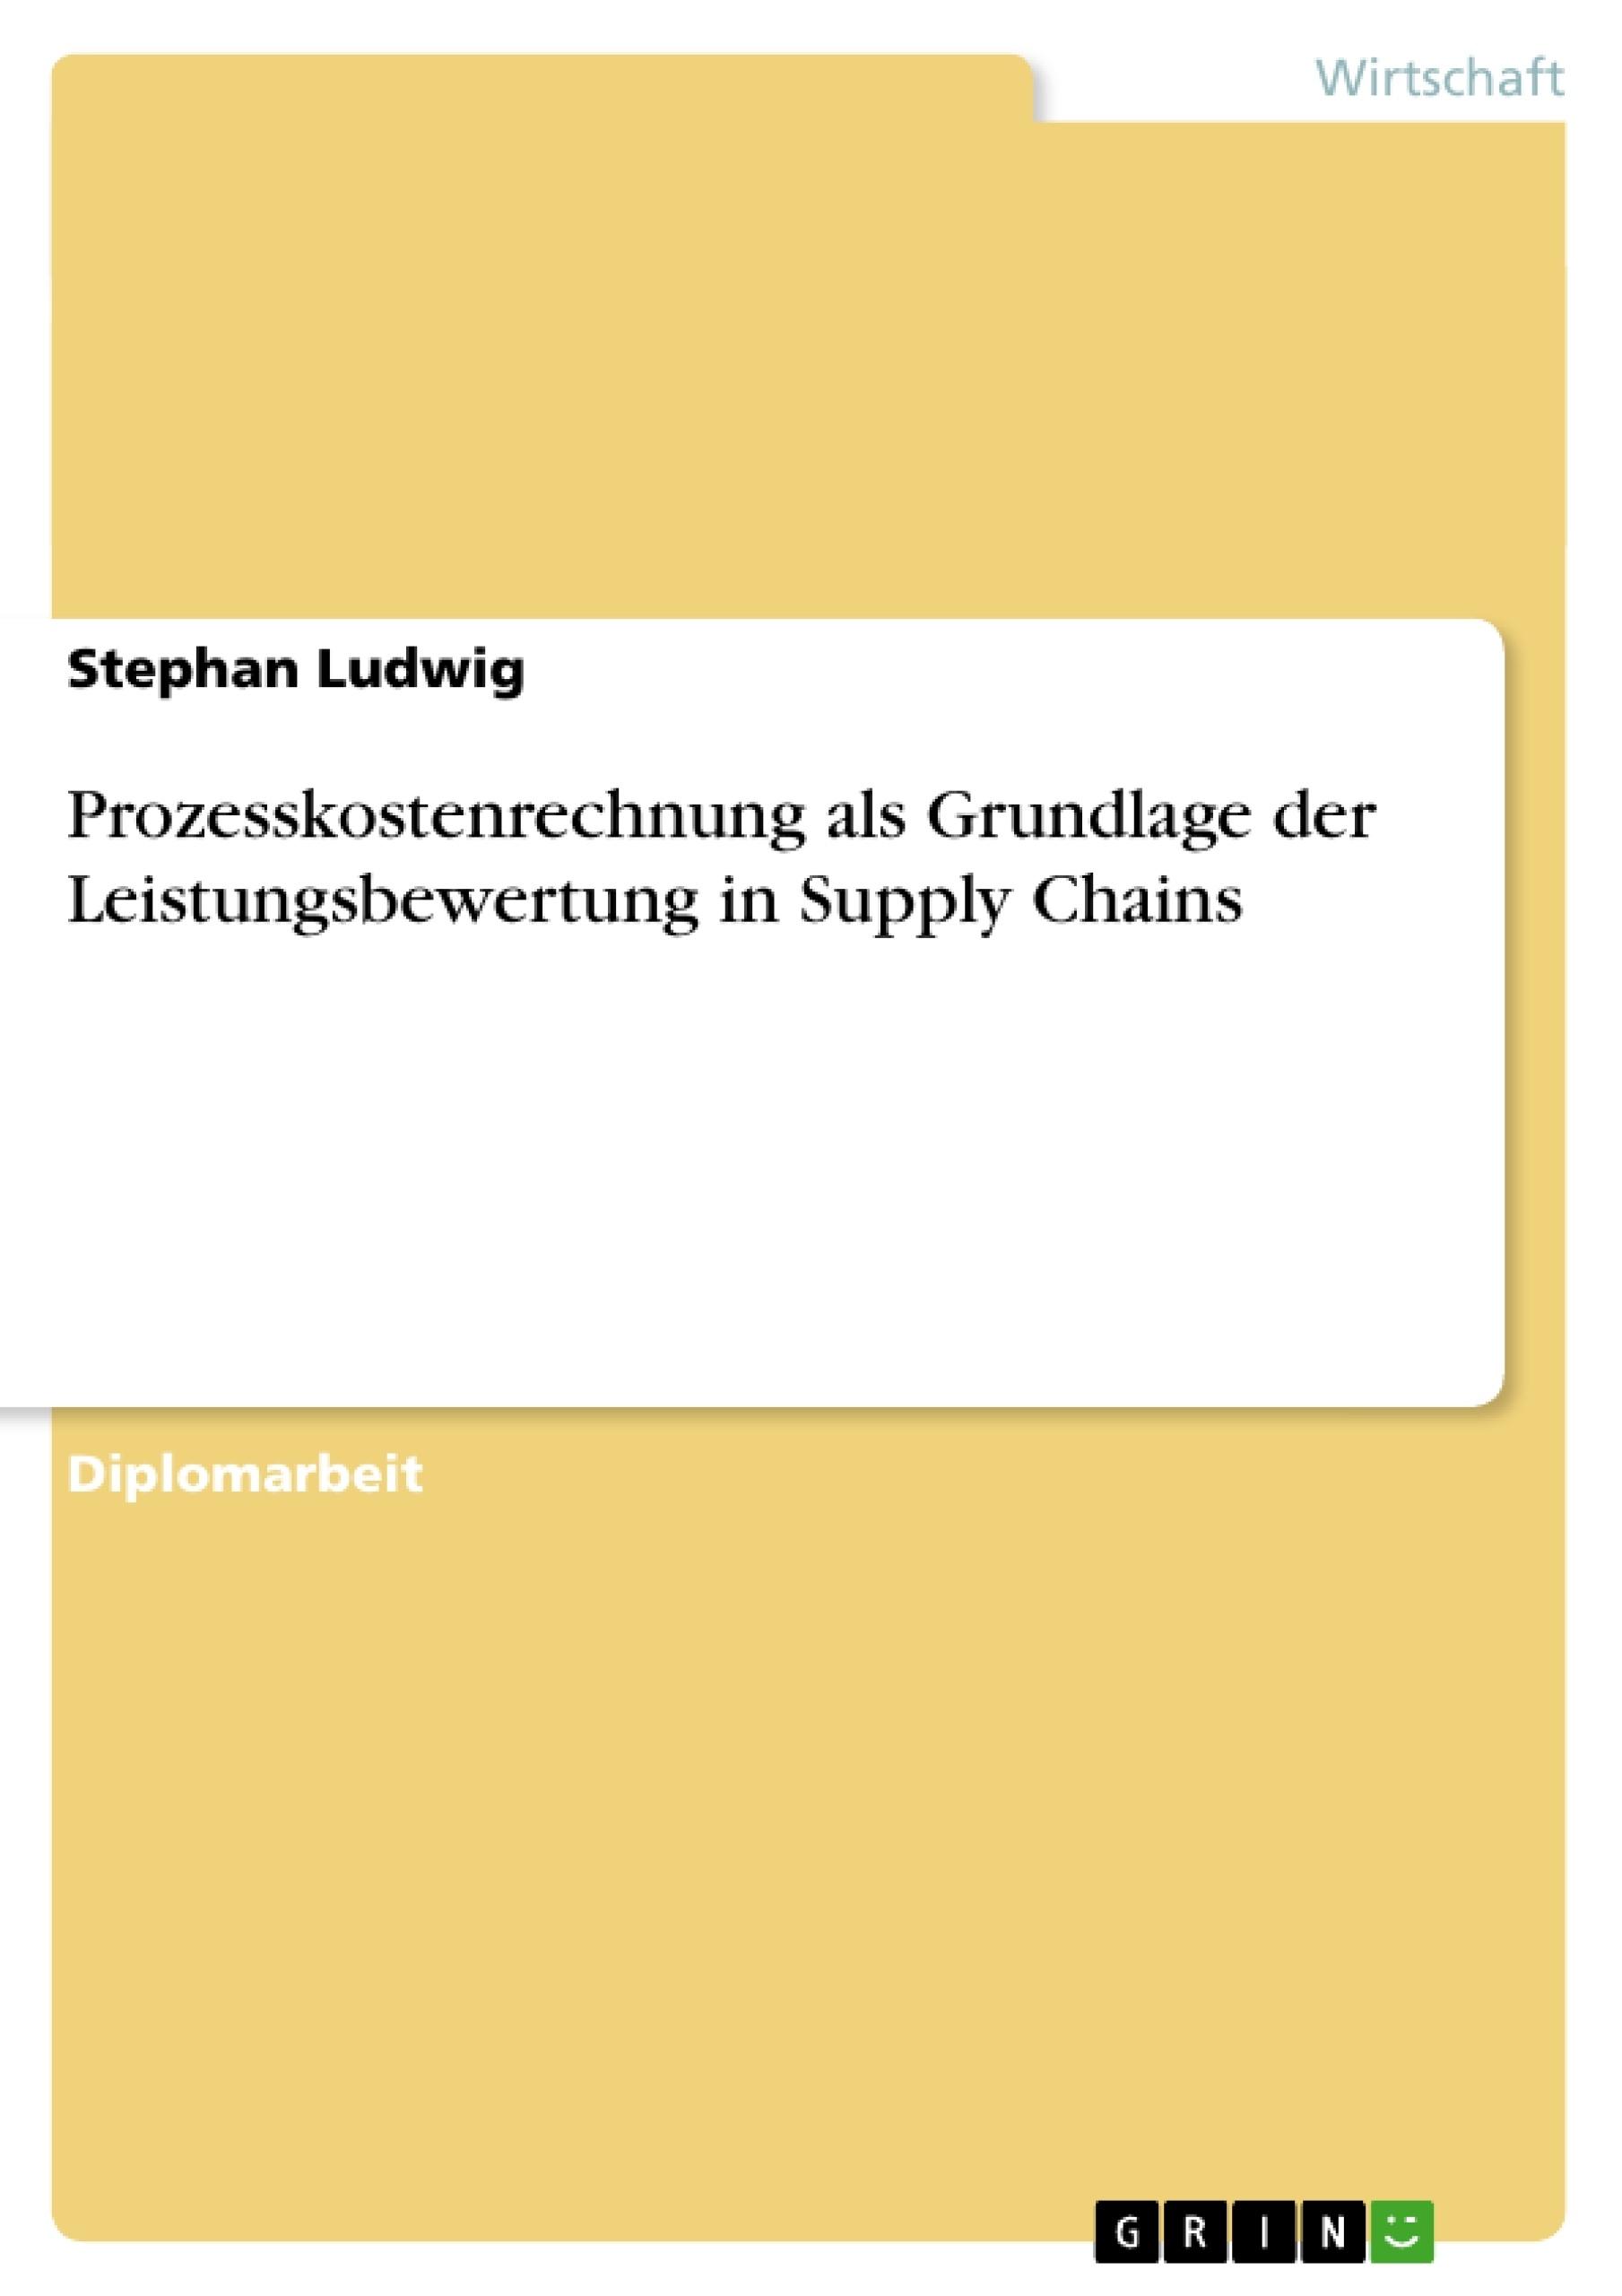 Titel: Prozesskostenrechnung als Grundlage der Leistungsbewertung in Supply Chains